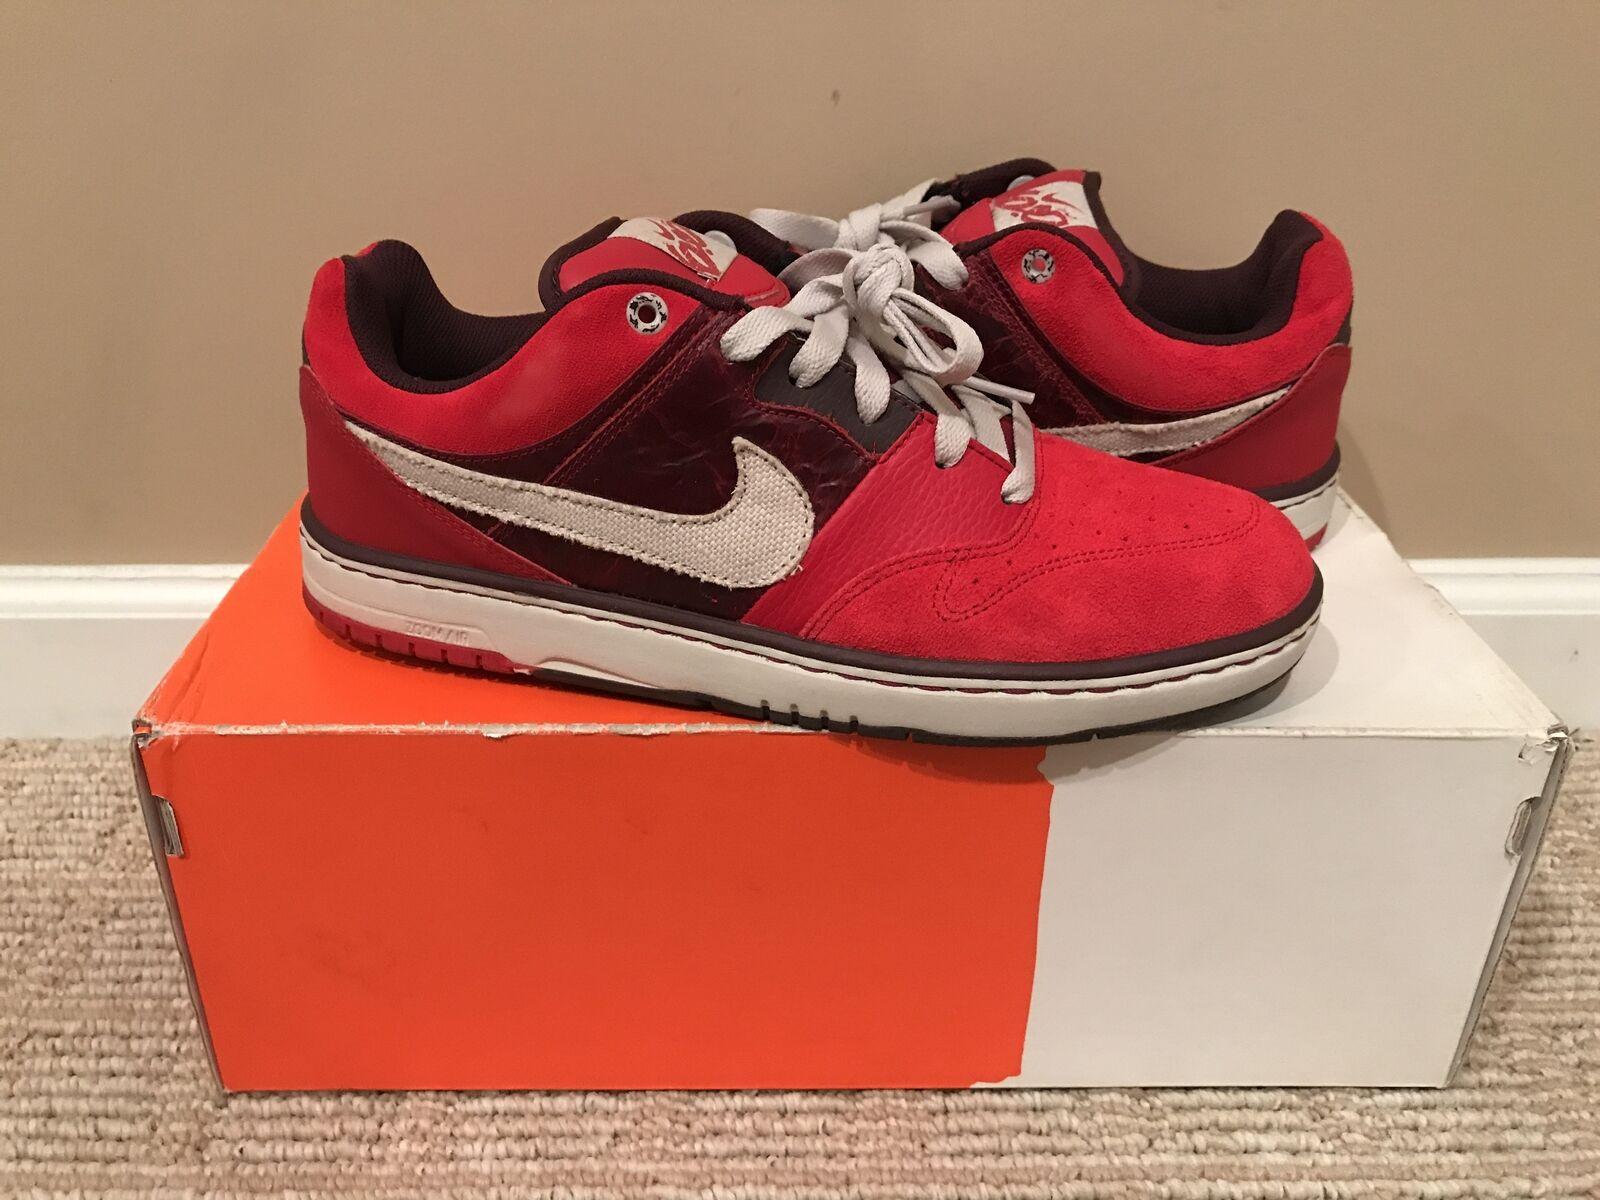 Nike Air Zoom Cush Size 10